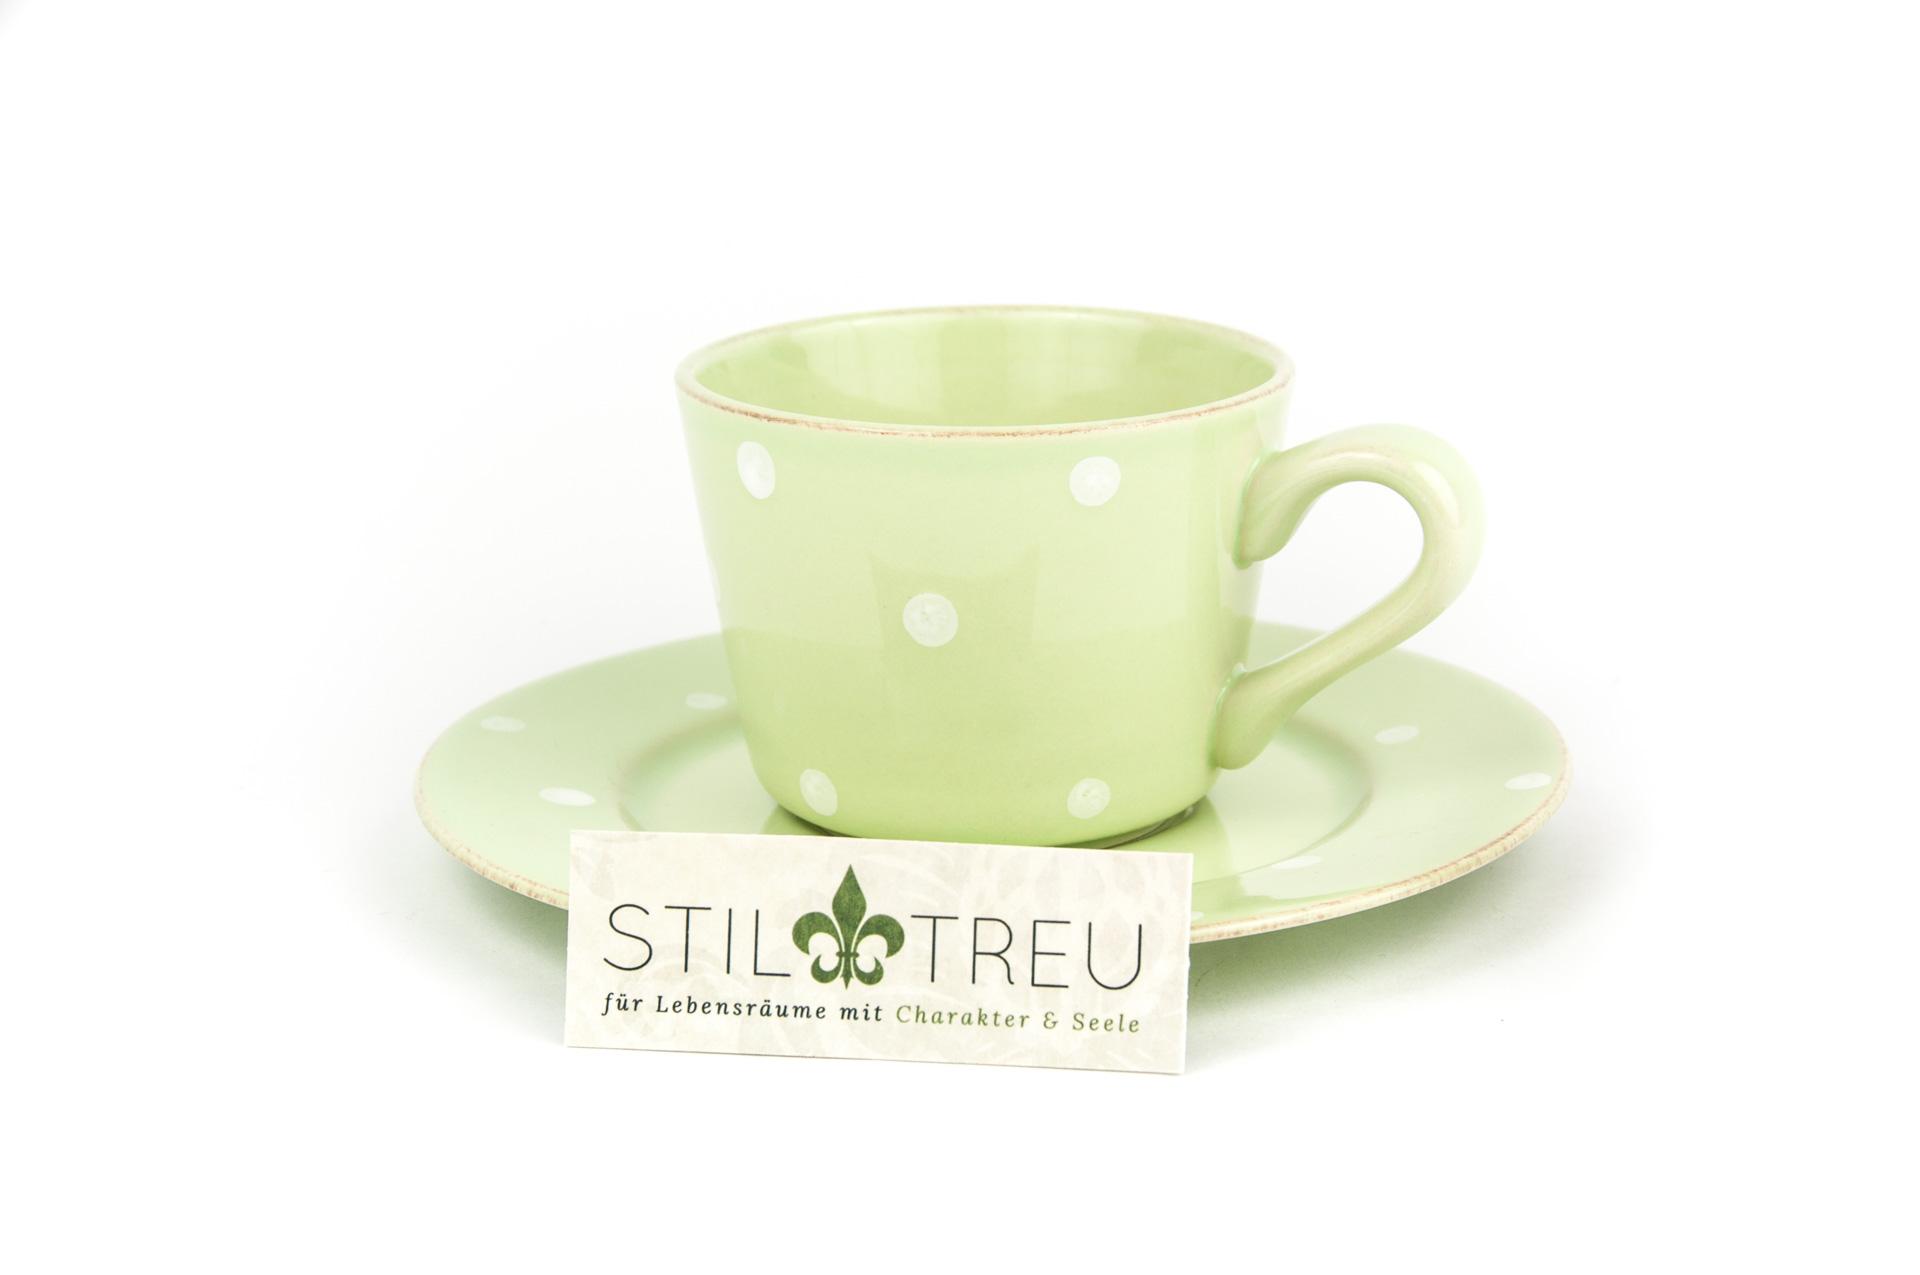 Gedeck / Kaffee / Tee 2-teilig / Ober- und Untertasse Chitra, grün, 0,20 l